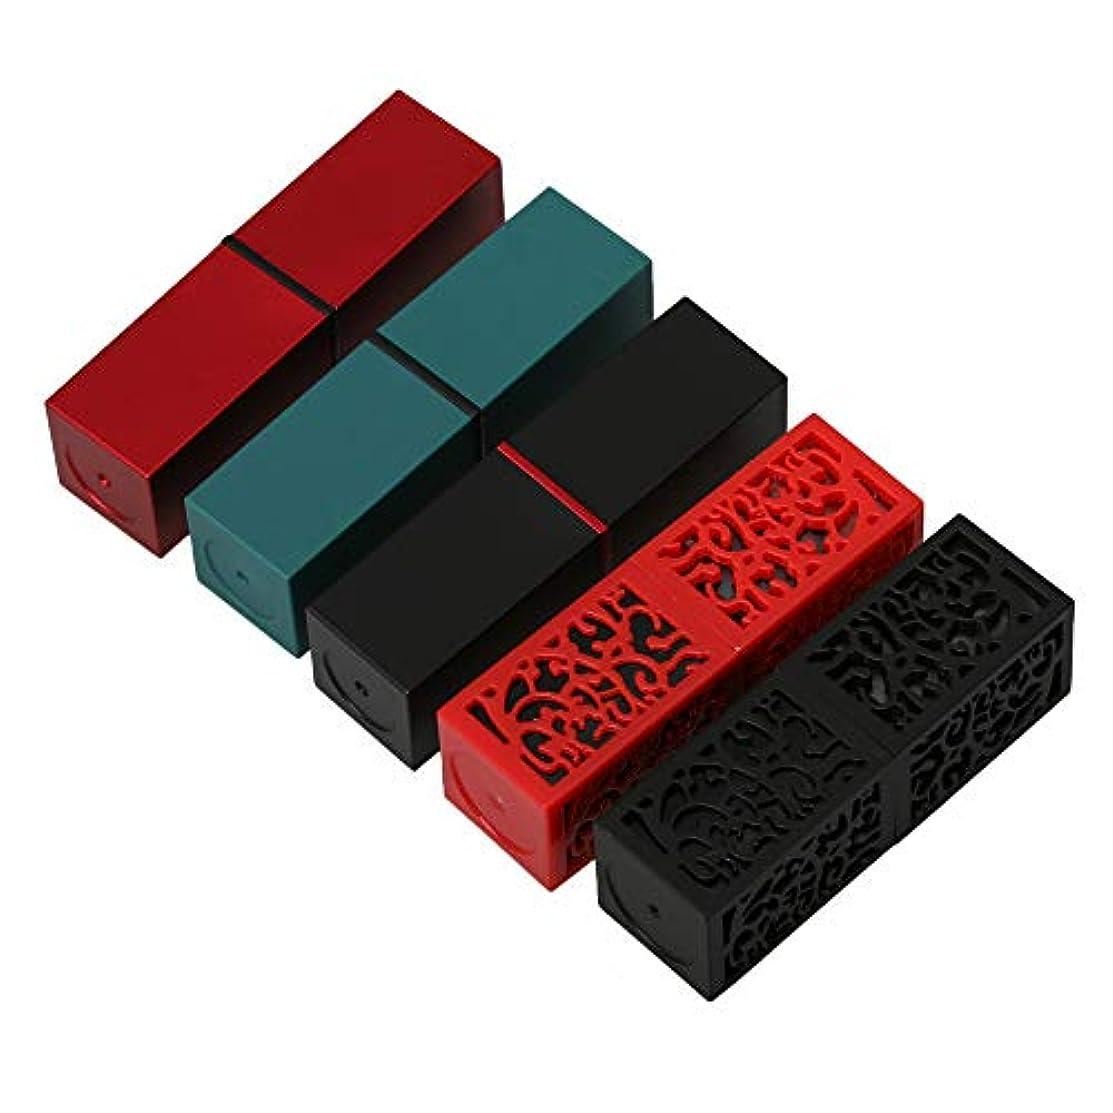 サンダース裕福な操作Kaittyoffice 5件入 口紅チューブ DIY 口紅空容器 自作口紅型 5タイプ プラスチック製 7.4x2.3x2.3cm